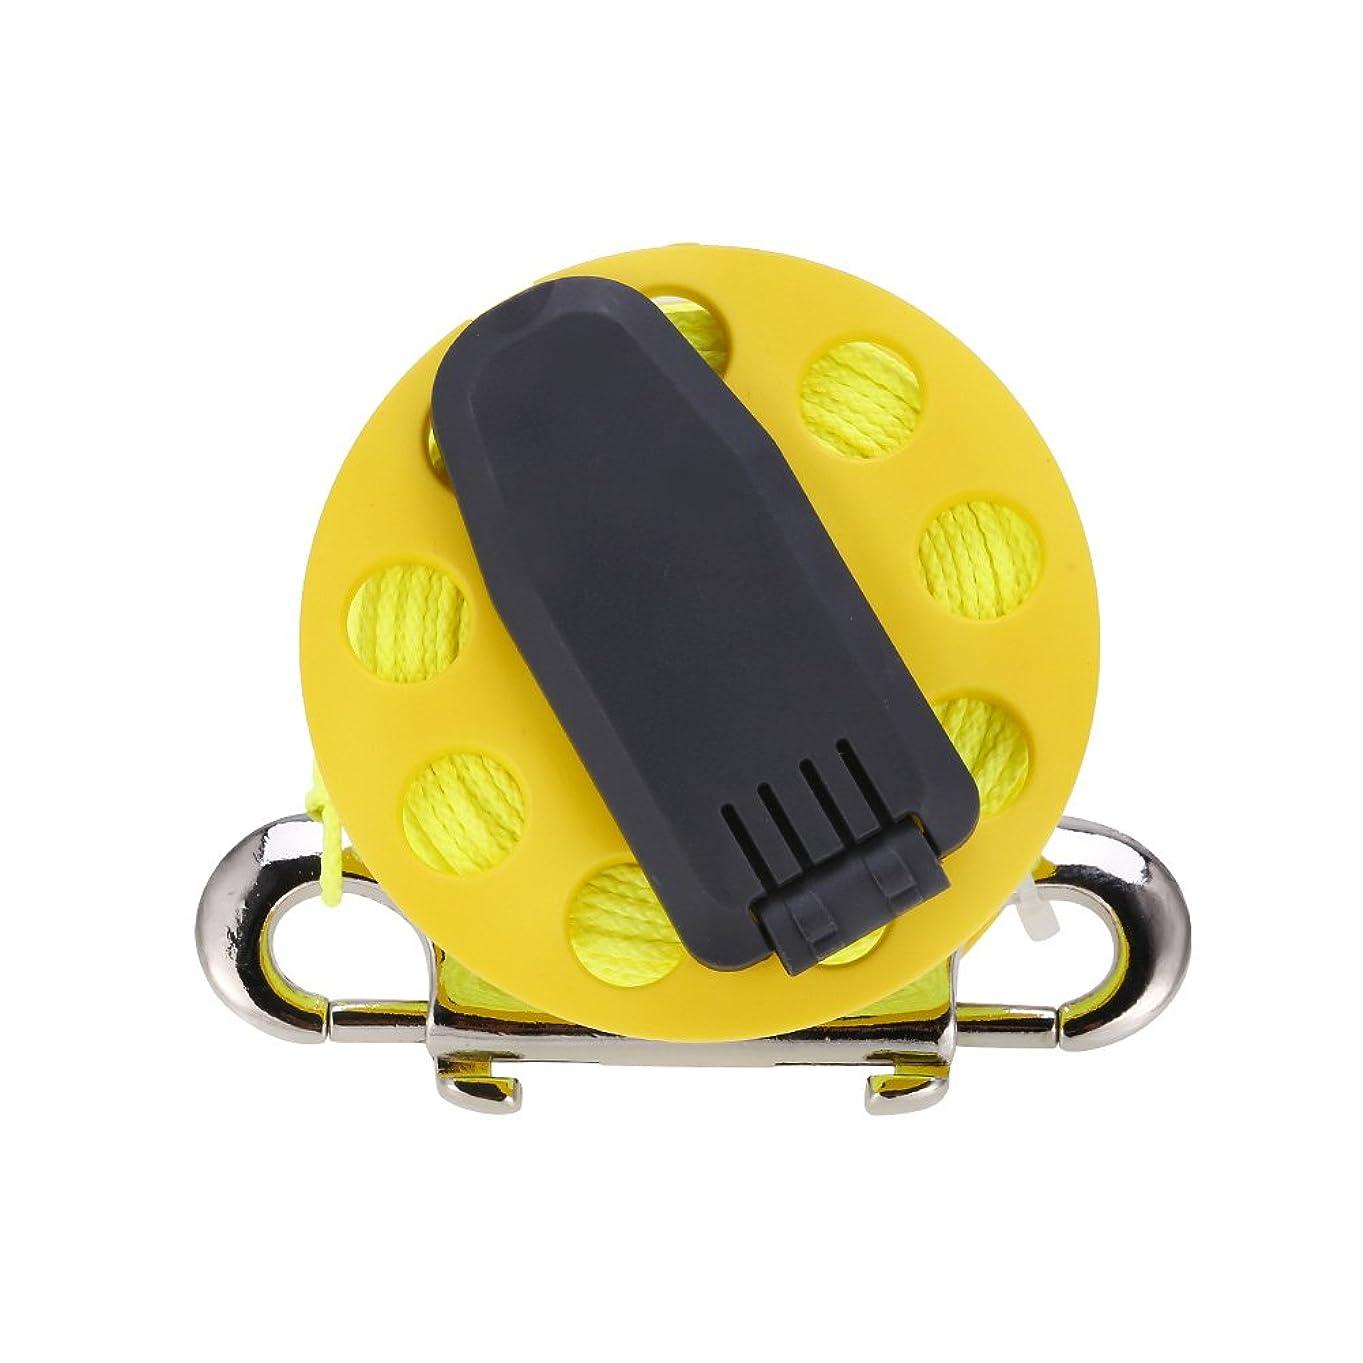 拍車ミッション描くスキューバ ダイビングリール ダイビング フィンガースプール ハンドル付き クリップ コード アルミニウム合金 潜水用品 アクセサリー